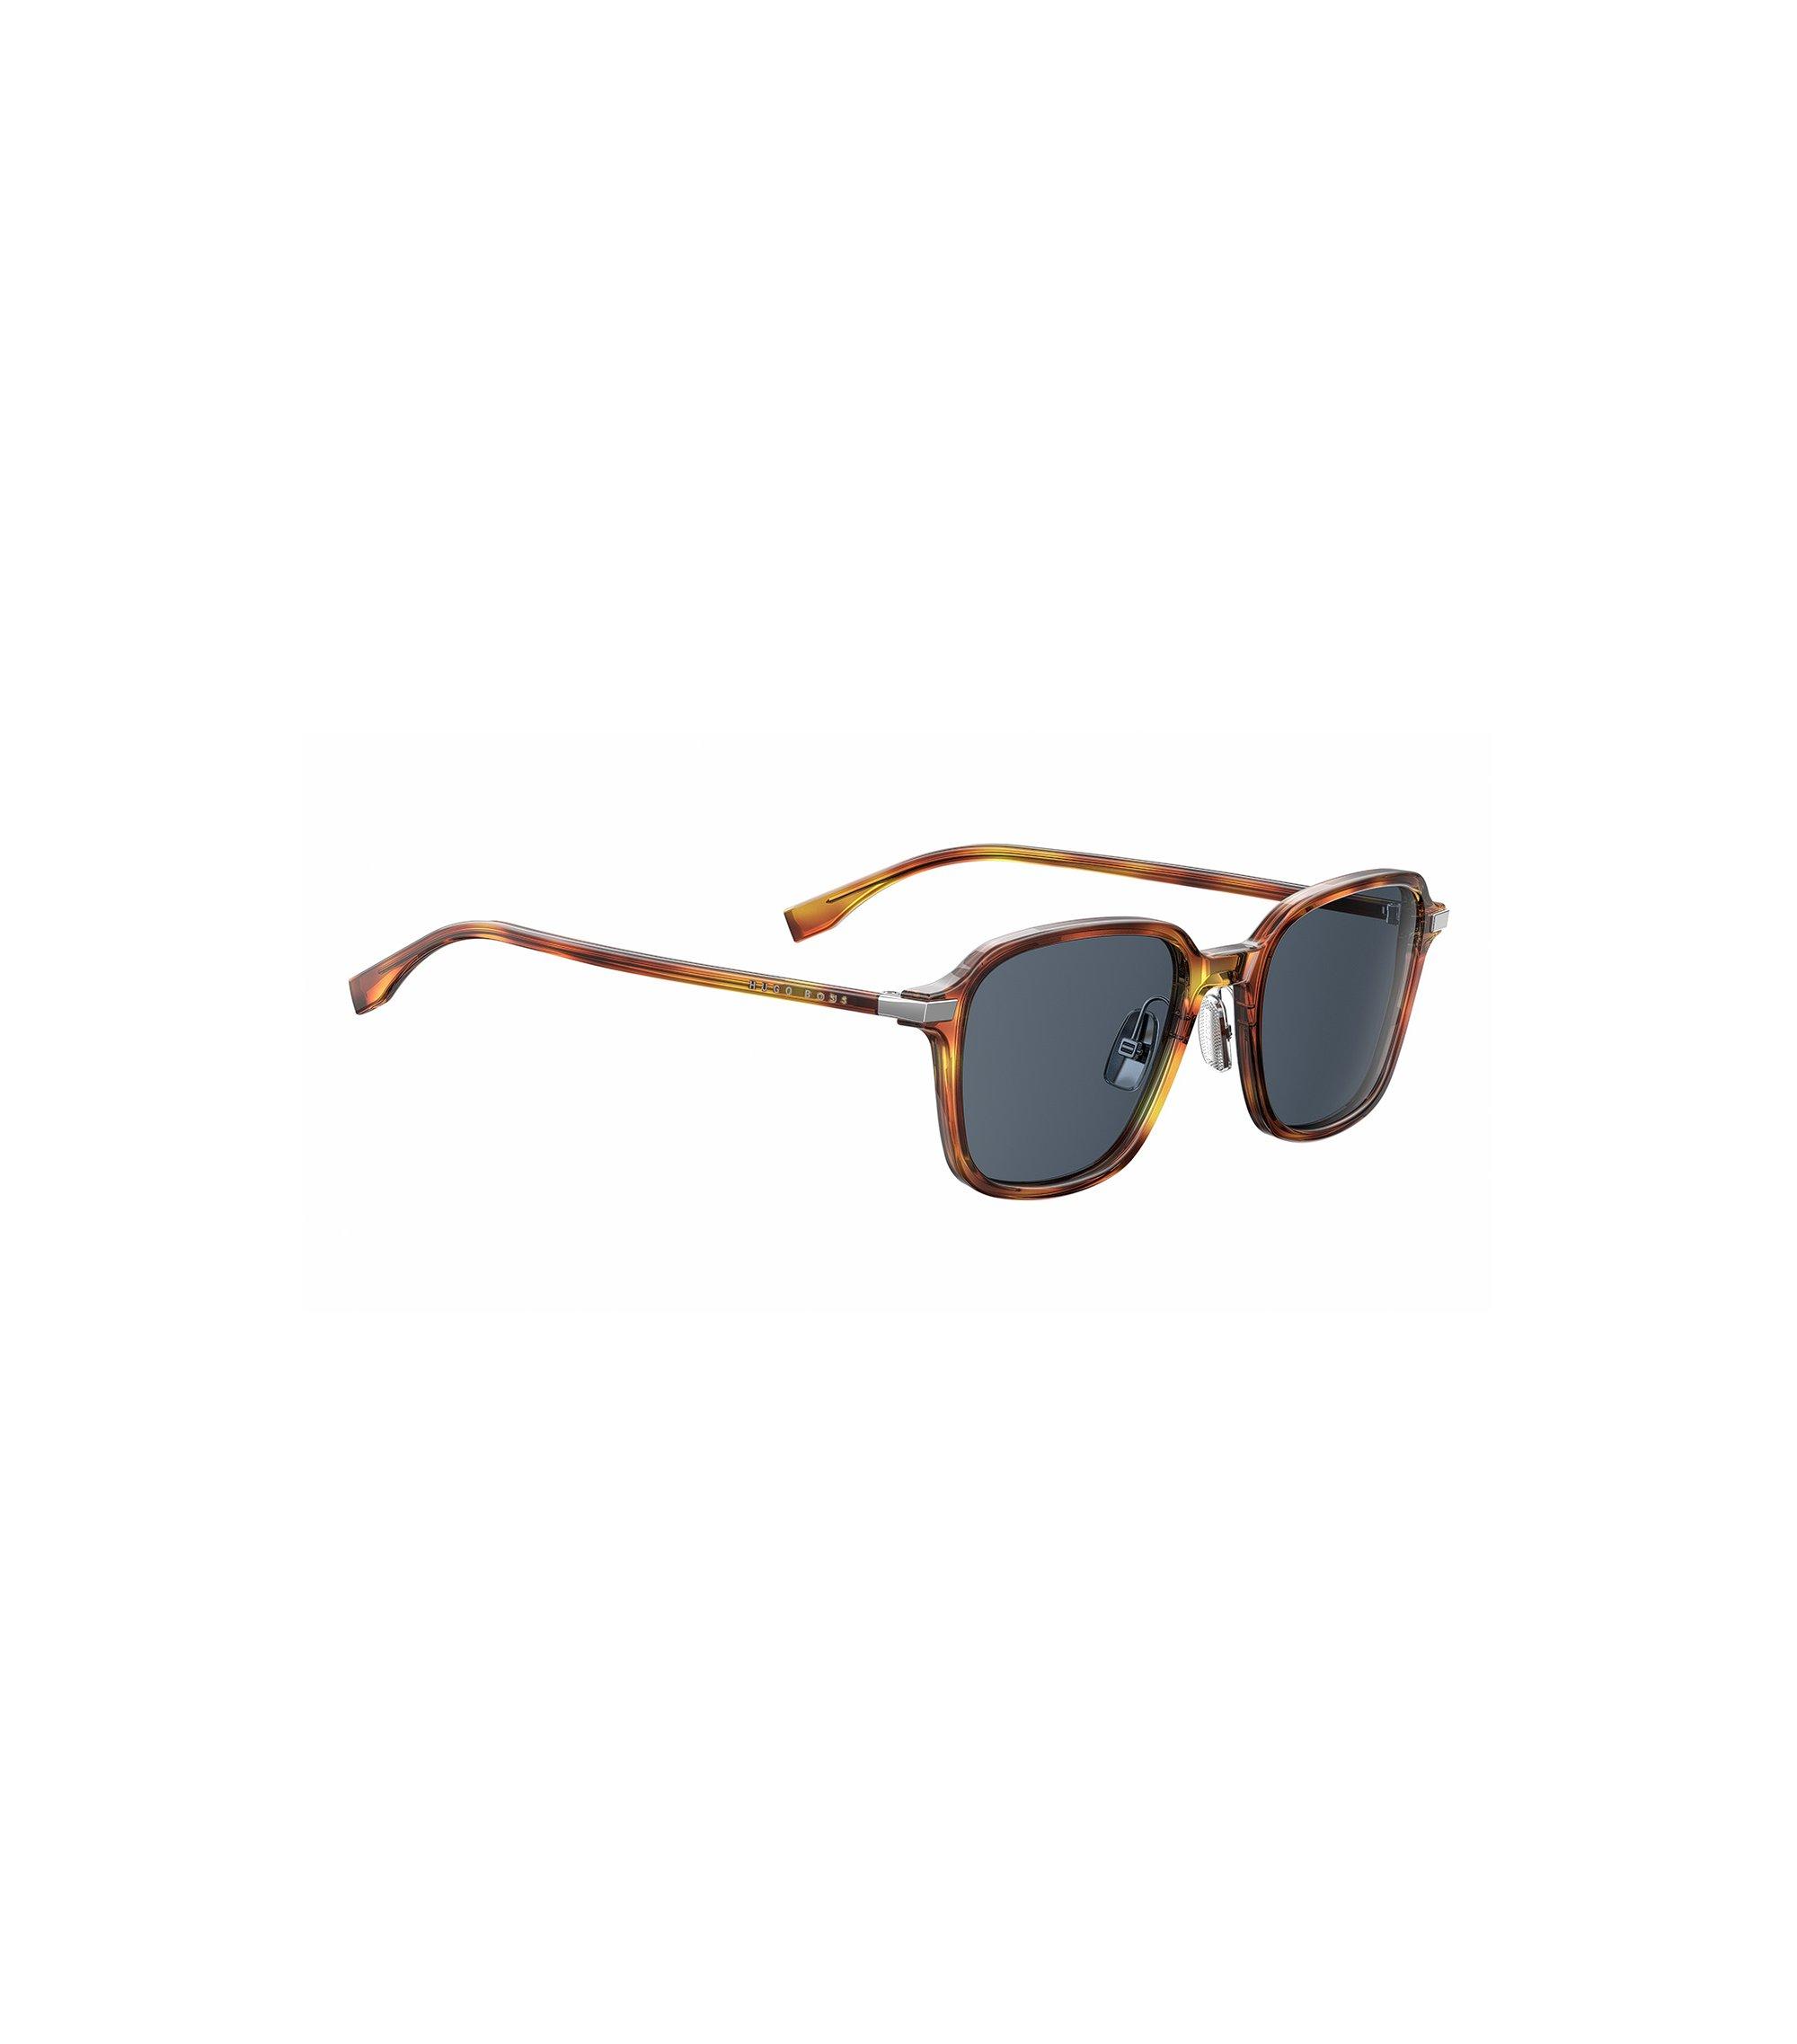 Sonnenbrille aus Acetat im Vintage-Stil mit verstellbaren Nasenpads, Assorted-Pre-Pack